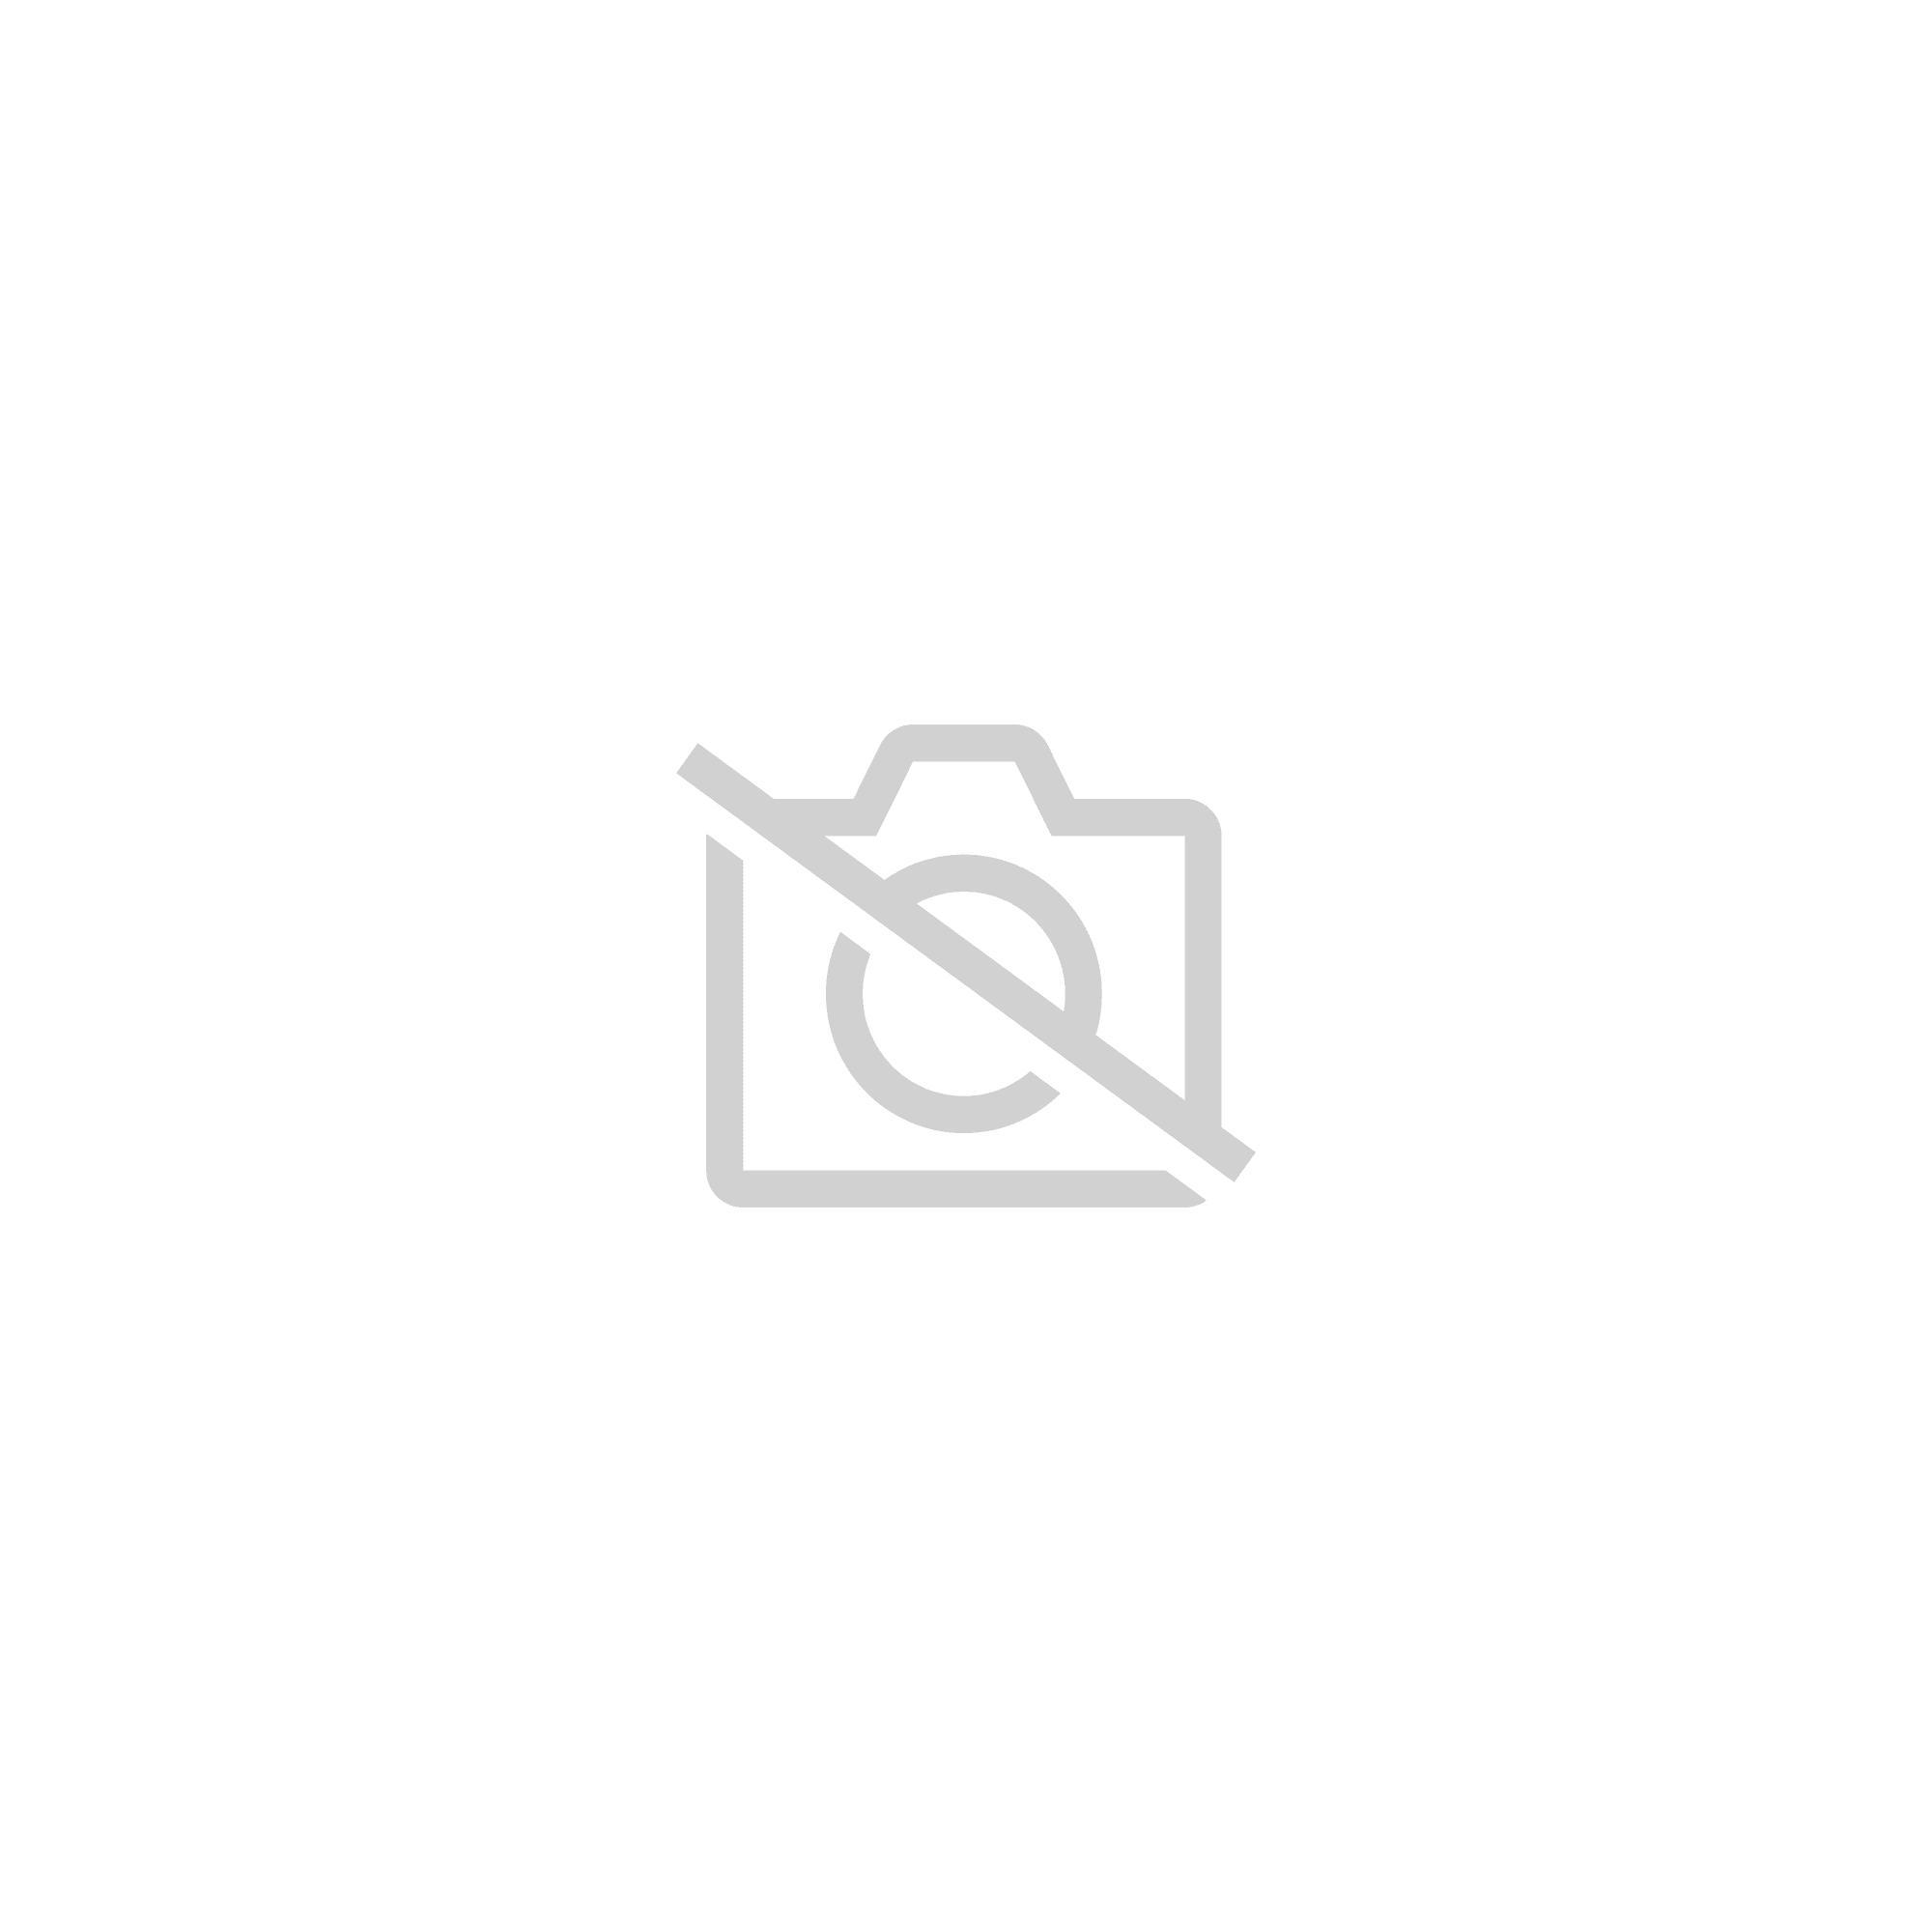 cc10e093804356 Basket Lacoste Carnaby Evo 119 9 Sma - 737sma0014082 - Achat et vente